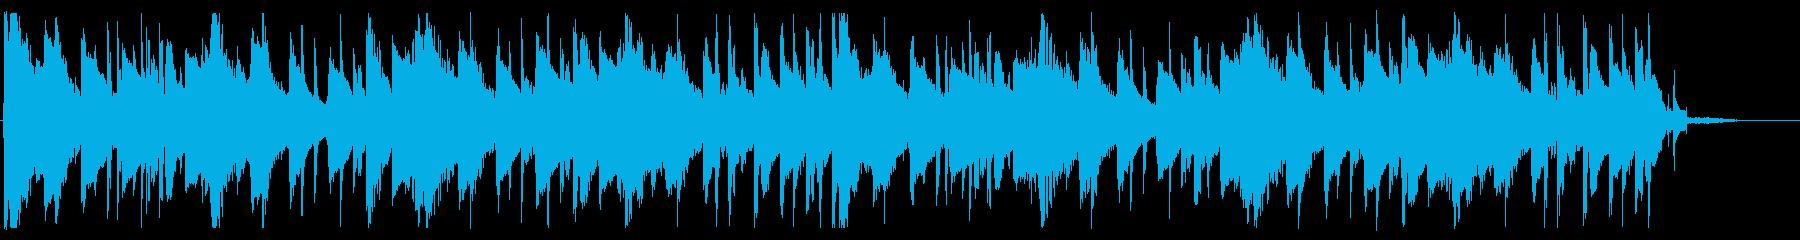 落ち着いたピコピコとしたBGM_4の再生済みの波形